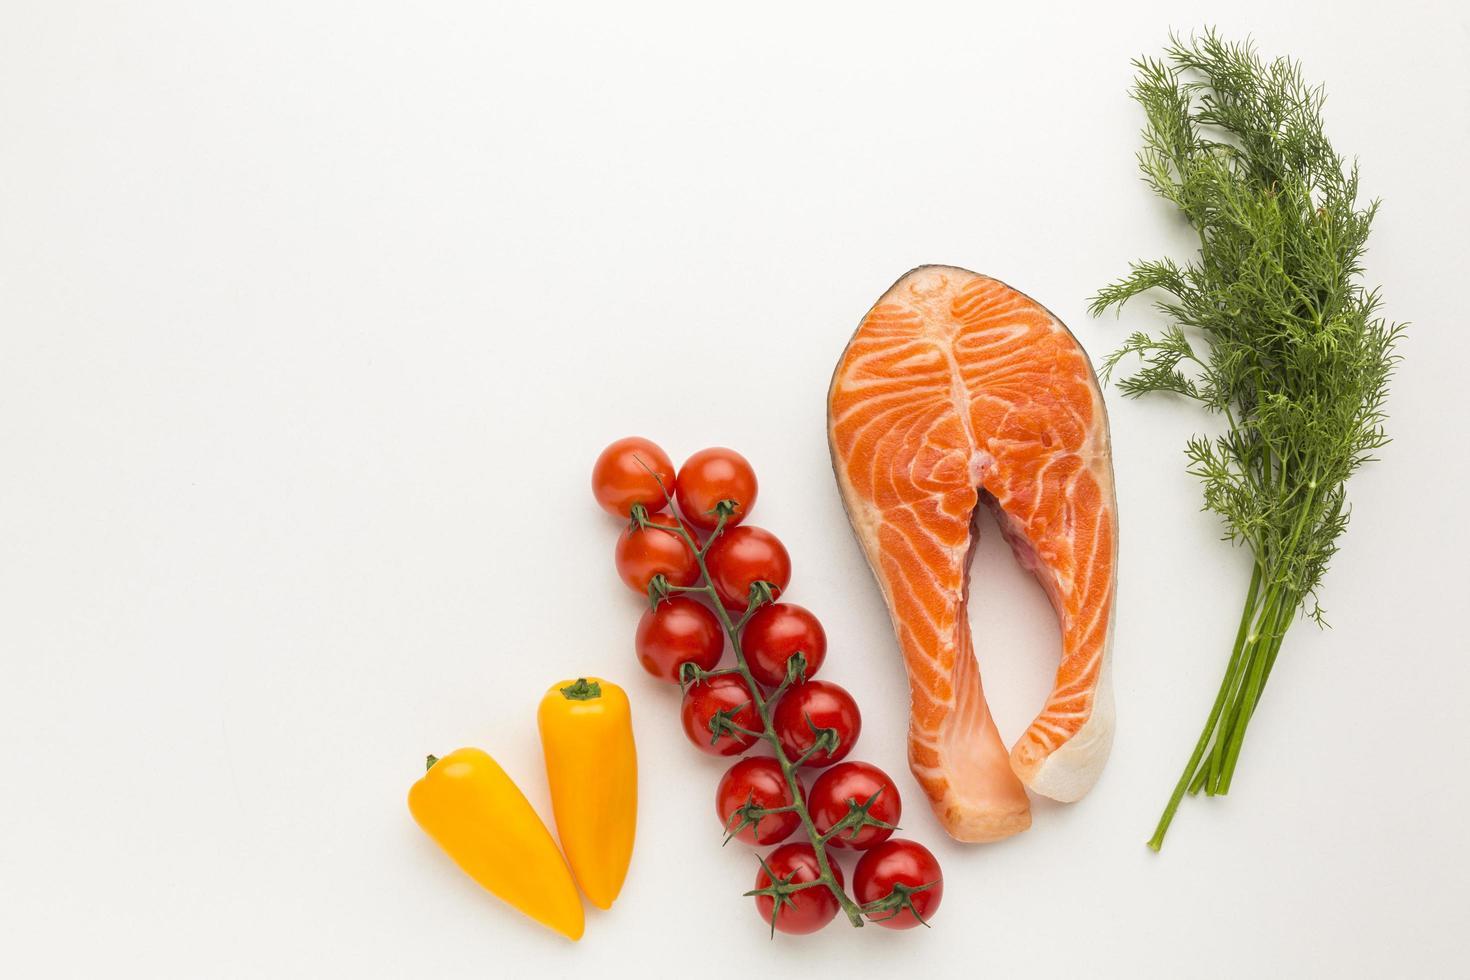 saumon avec d'autres ingrédients sur blanc photo